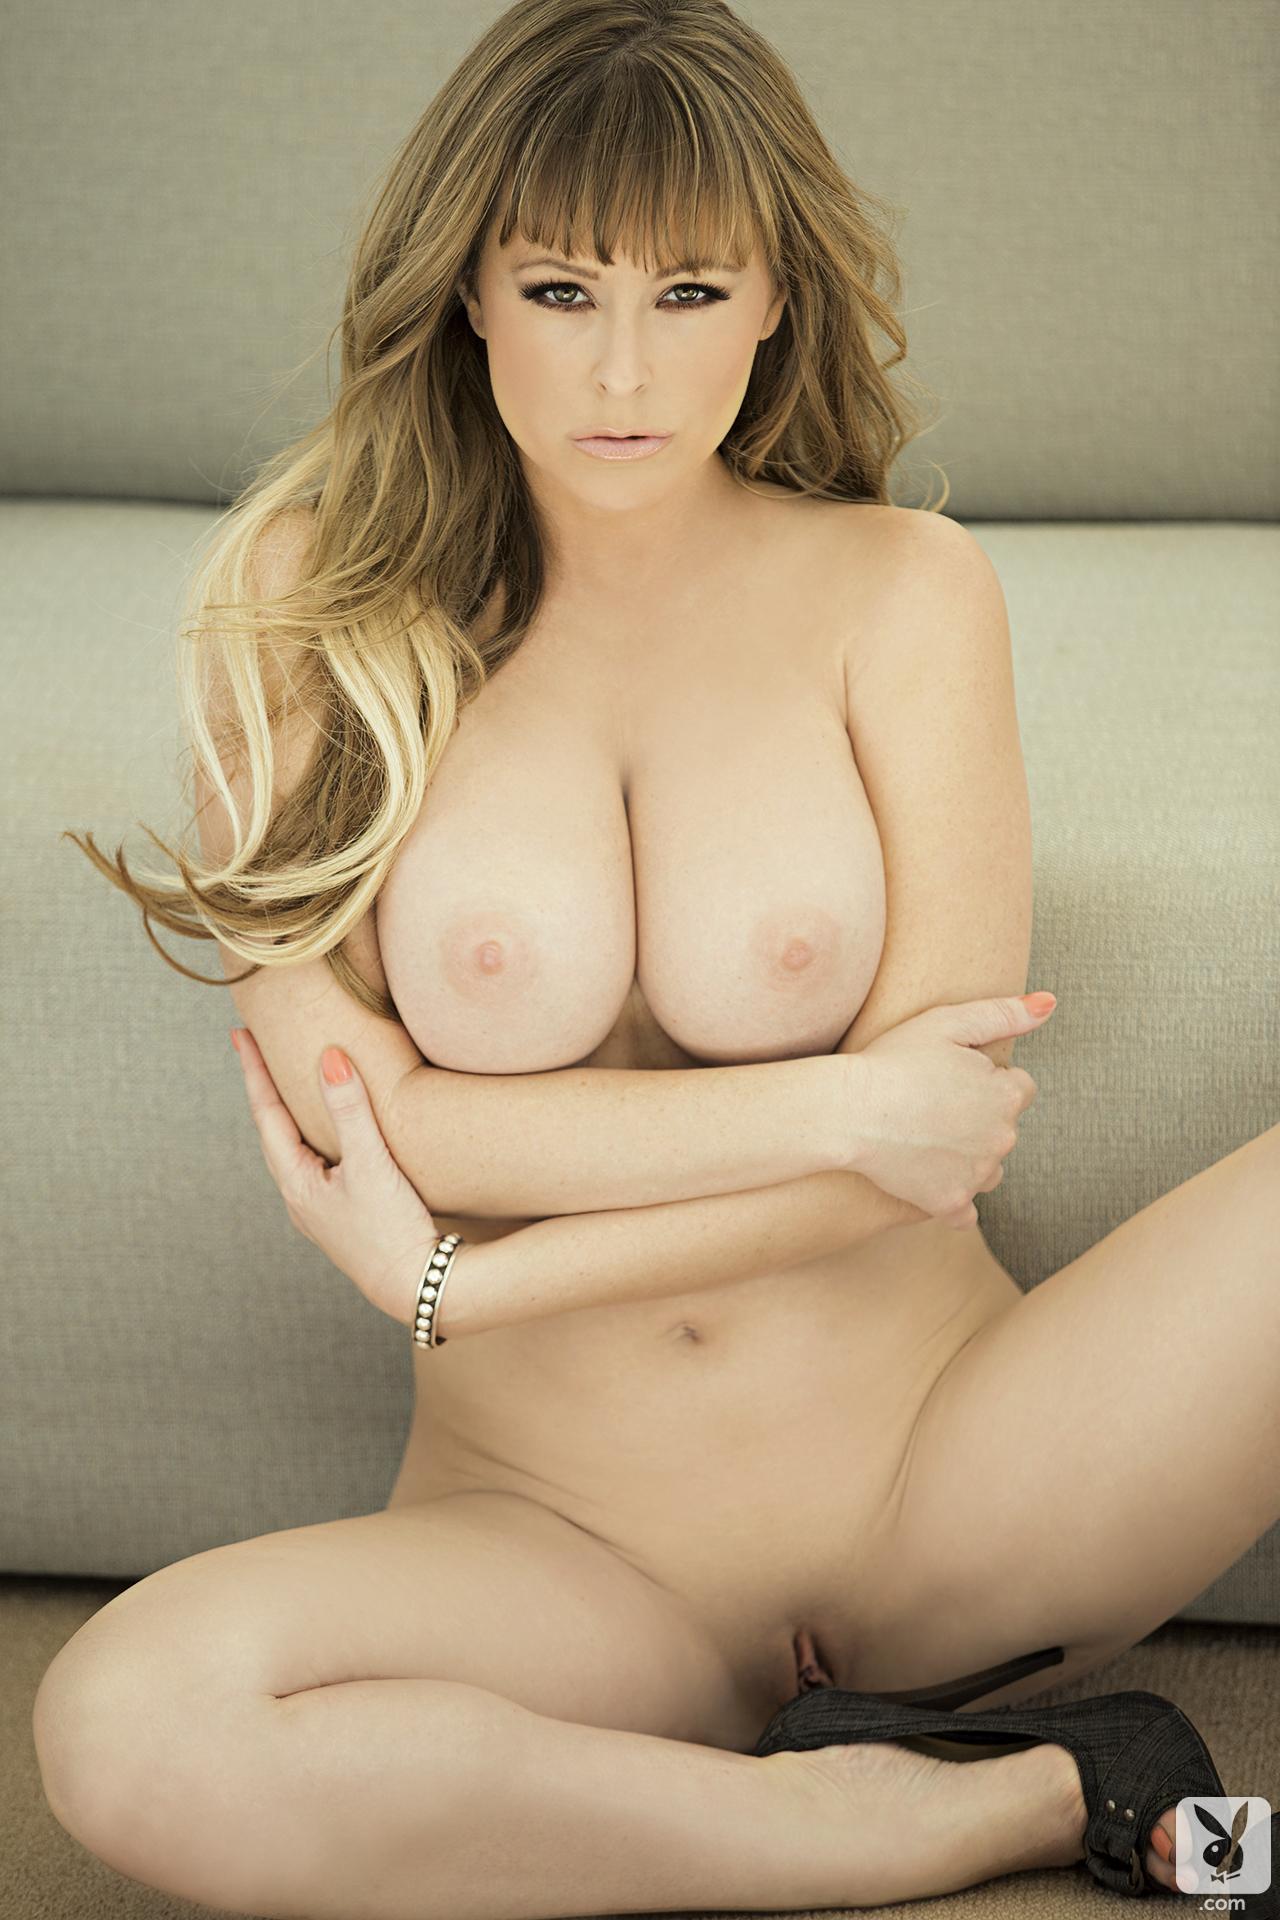 Turkish women nude big boobs